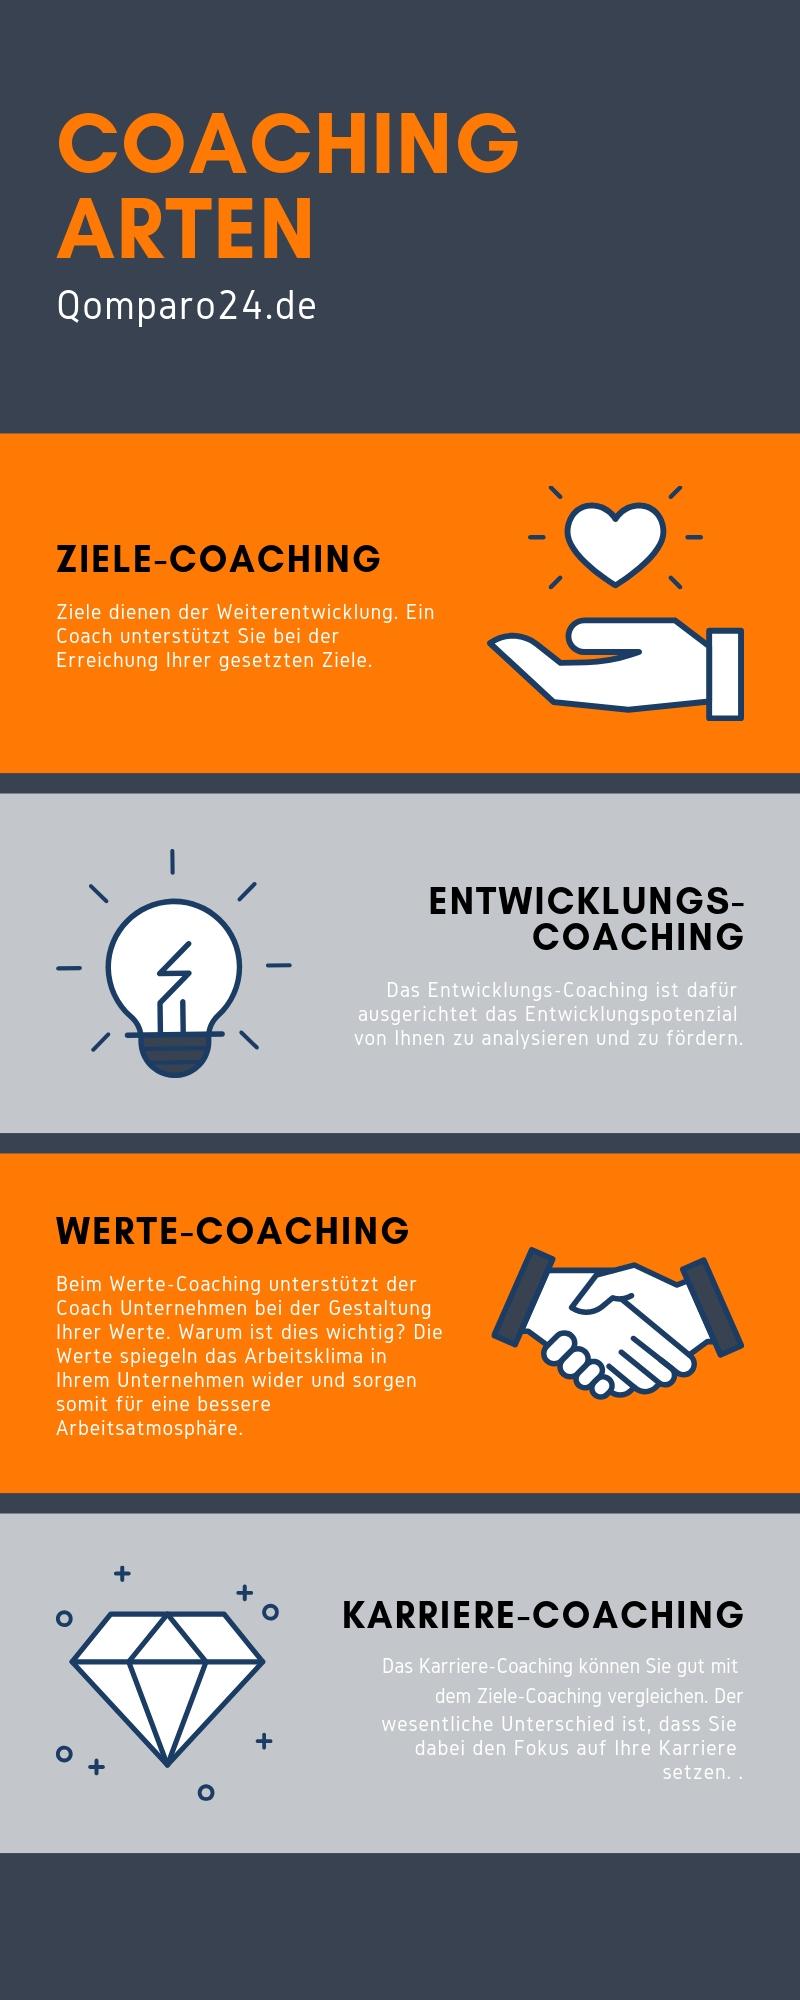 Infografik zum Thema Coaching Arten